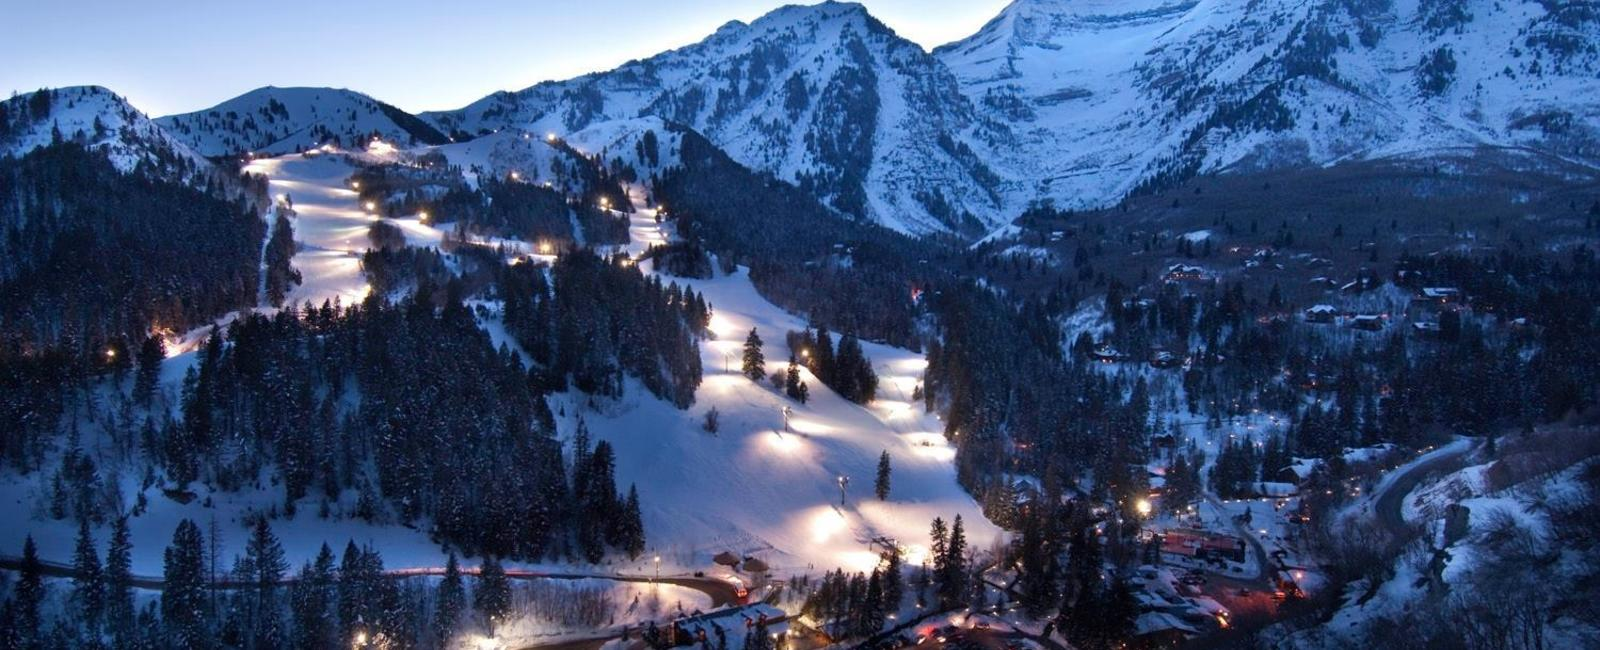 night skiing: sundance resort leaves the lights on - ski utah